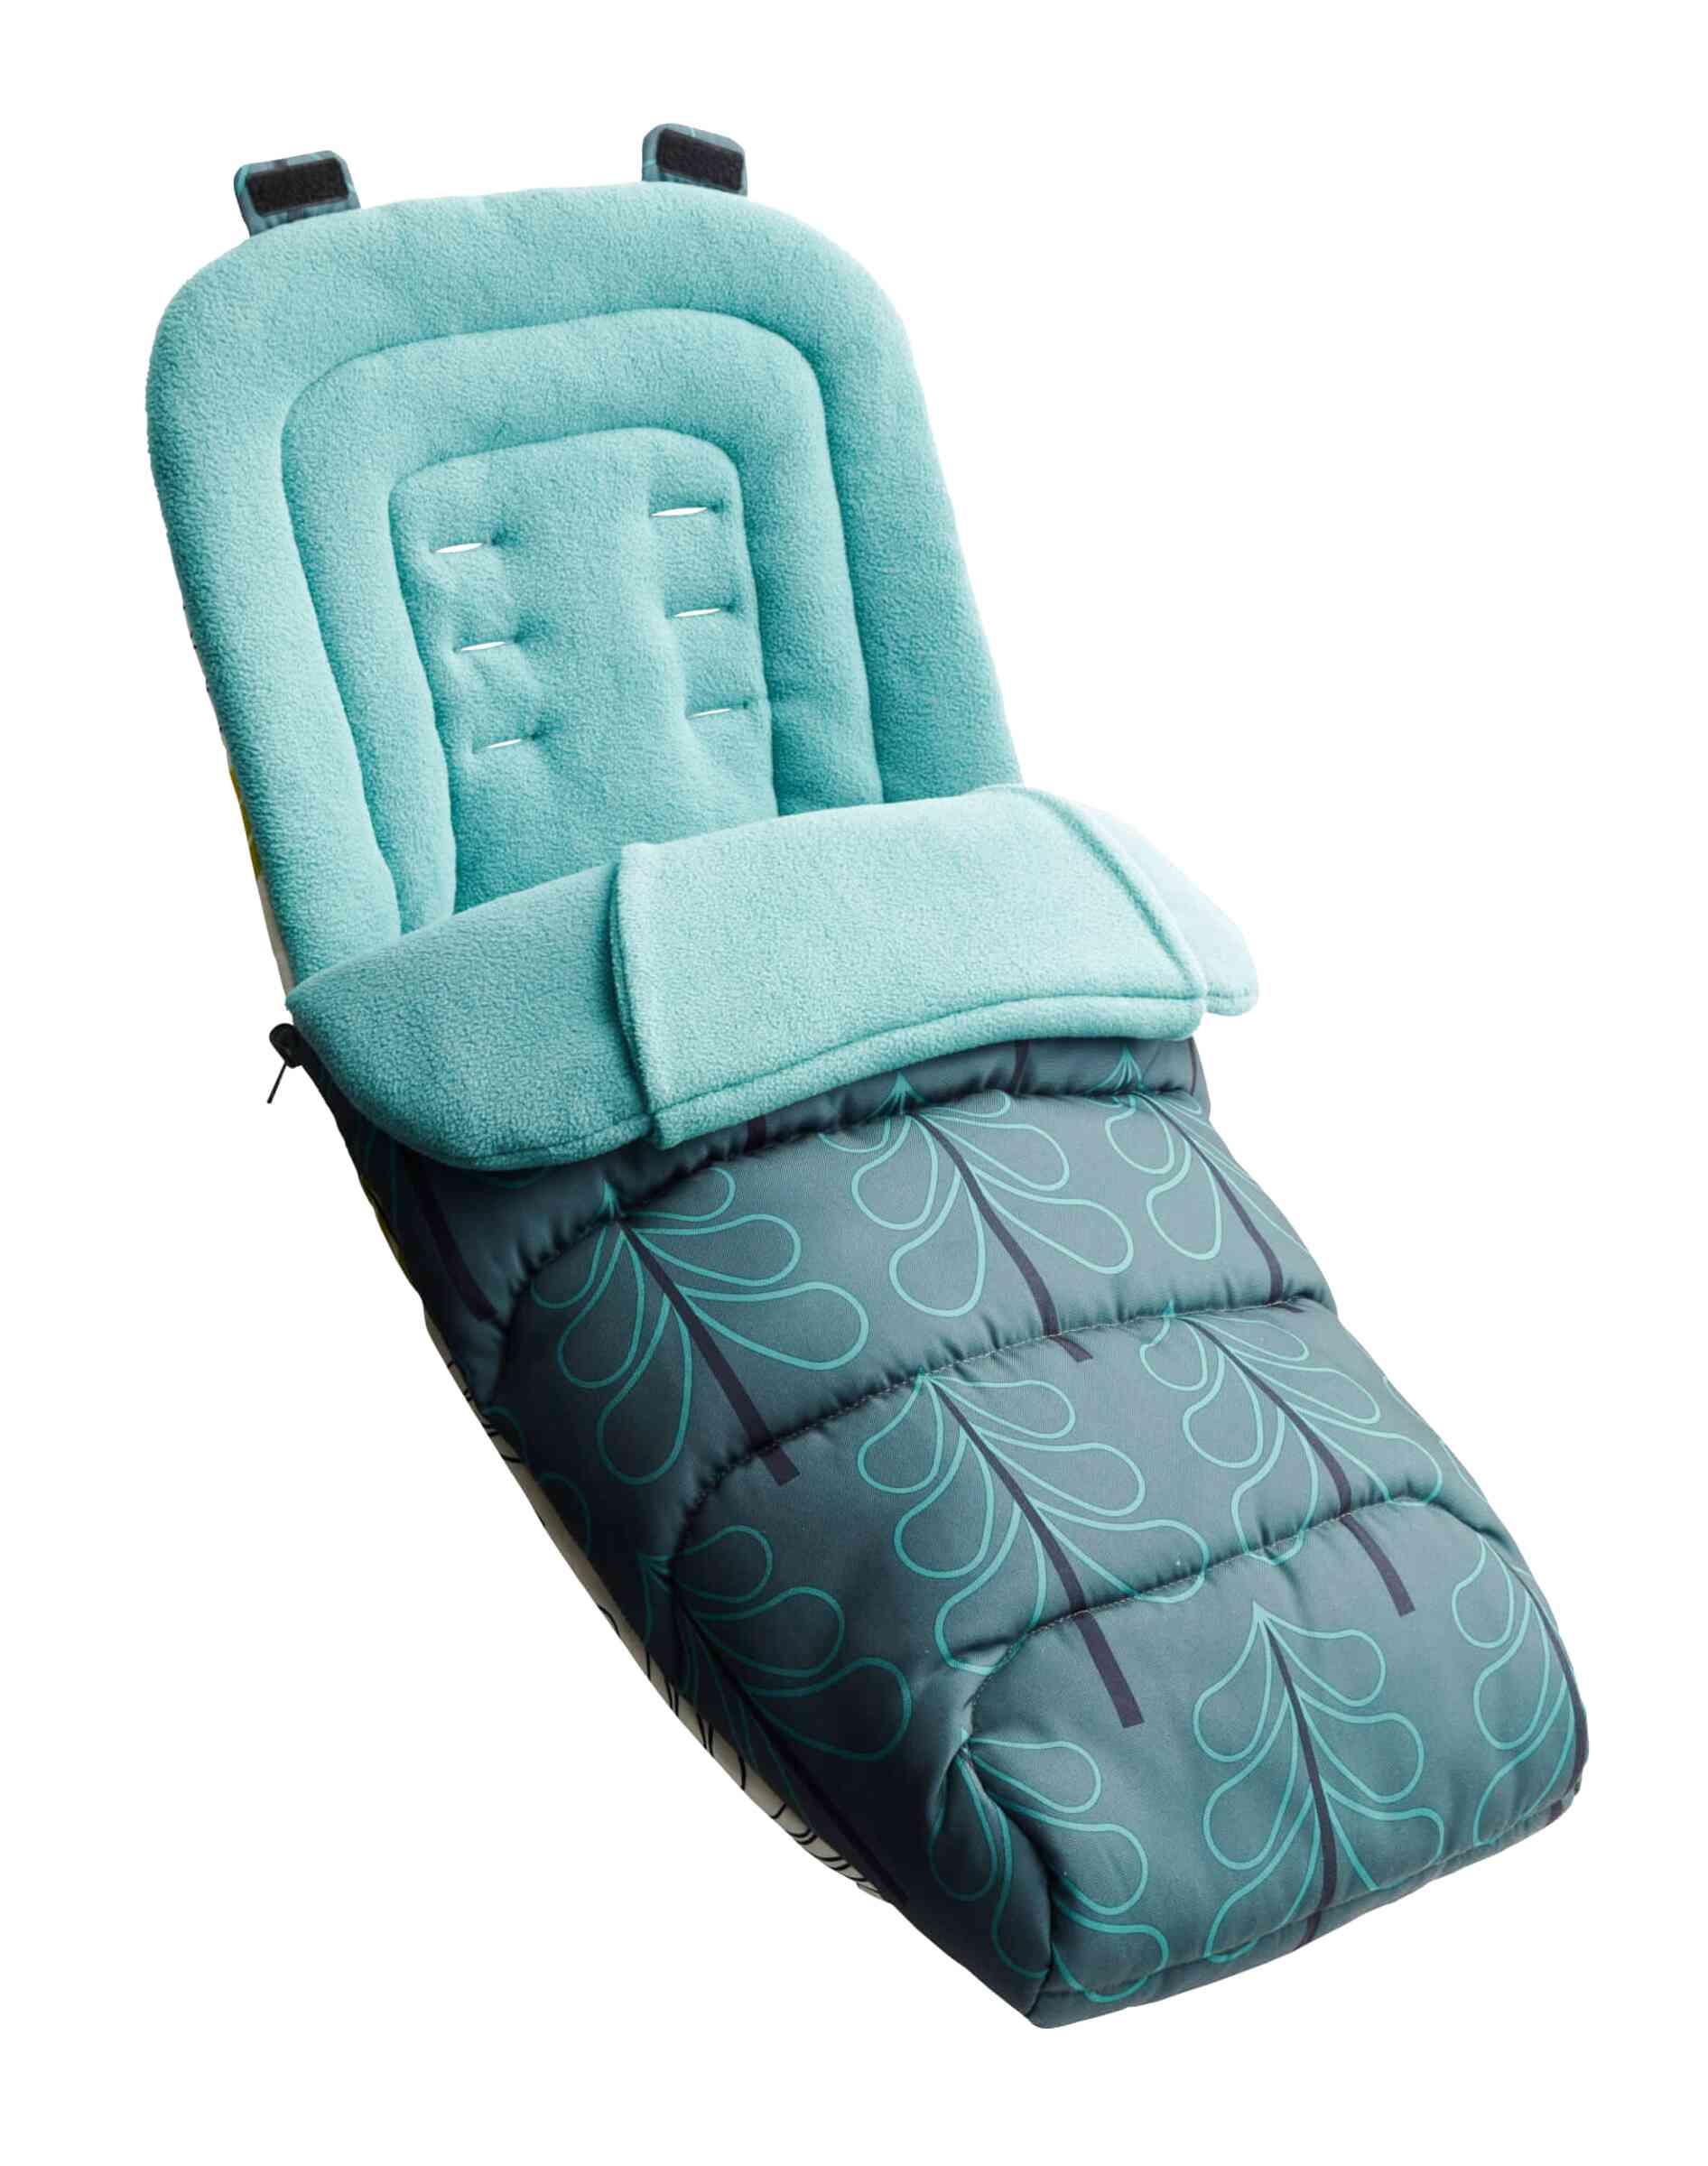 cosatto cosy toe for sale